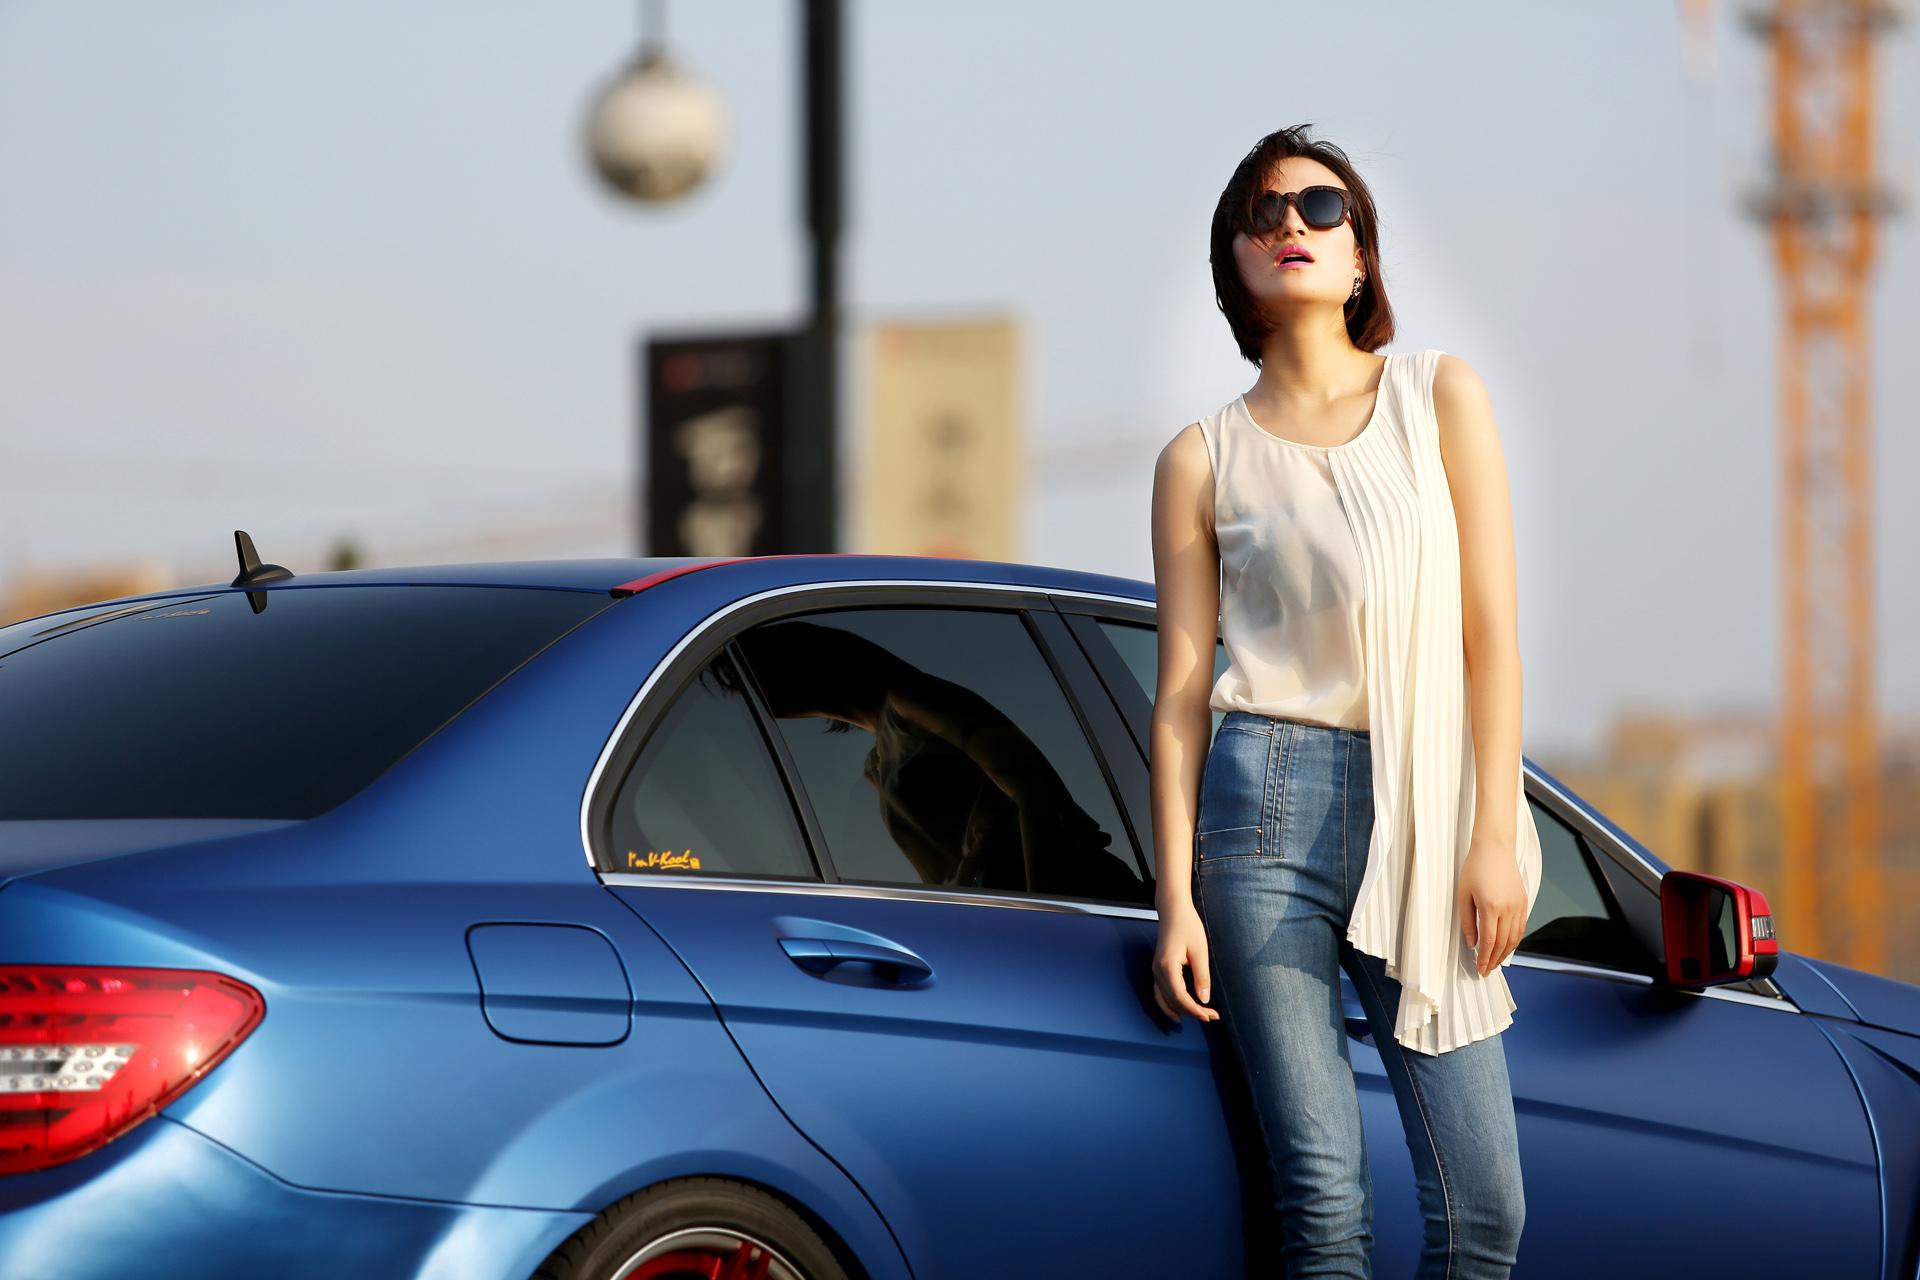 摩登时尚女郎用知性气质诠释改装生活